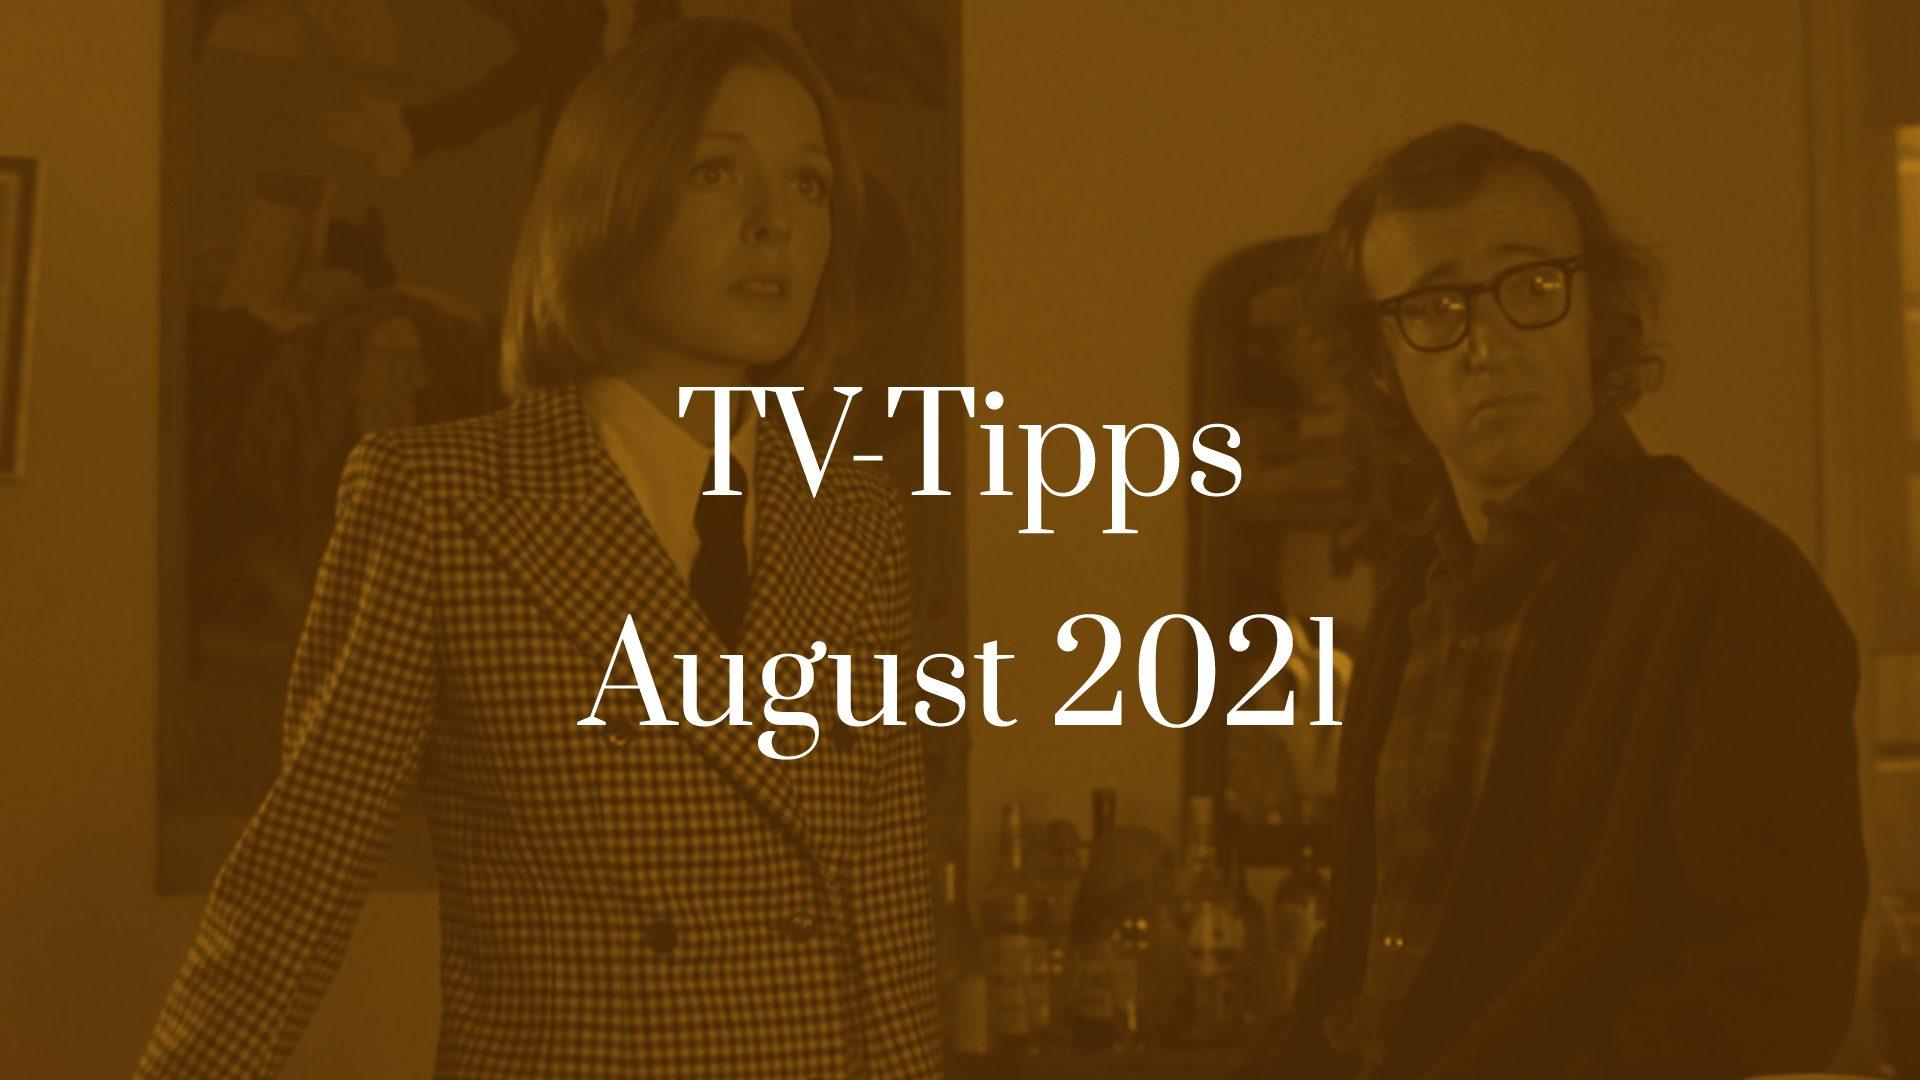 Titelbild zu TV-Tipps für August 2021